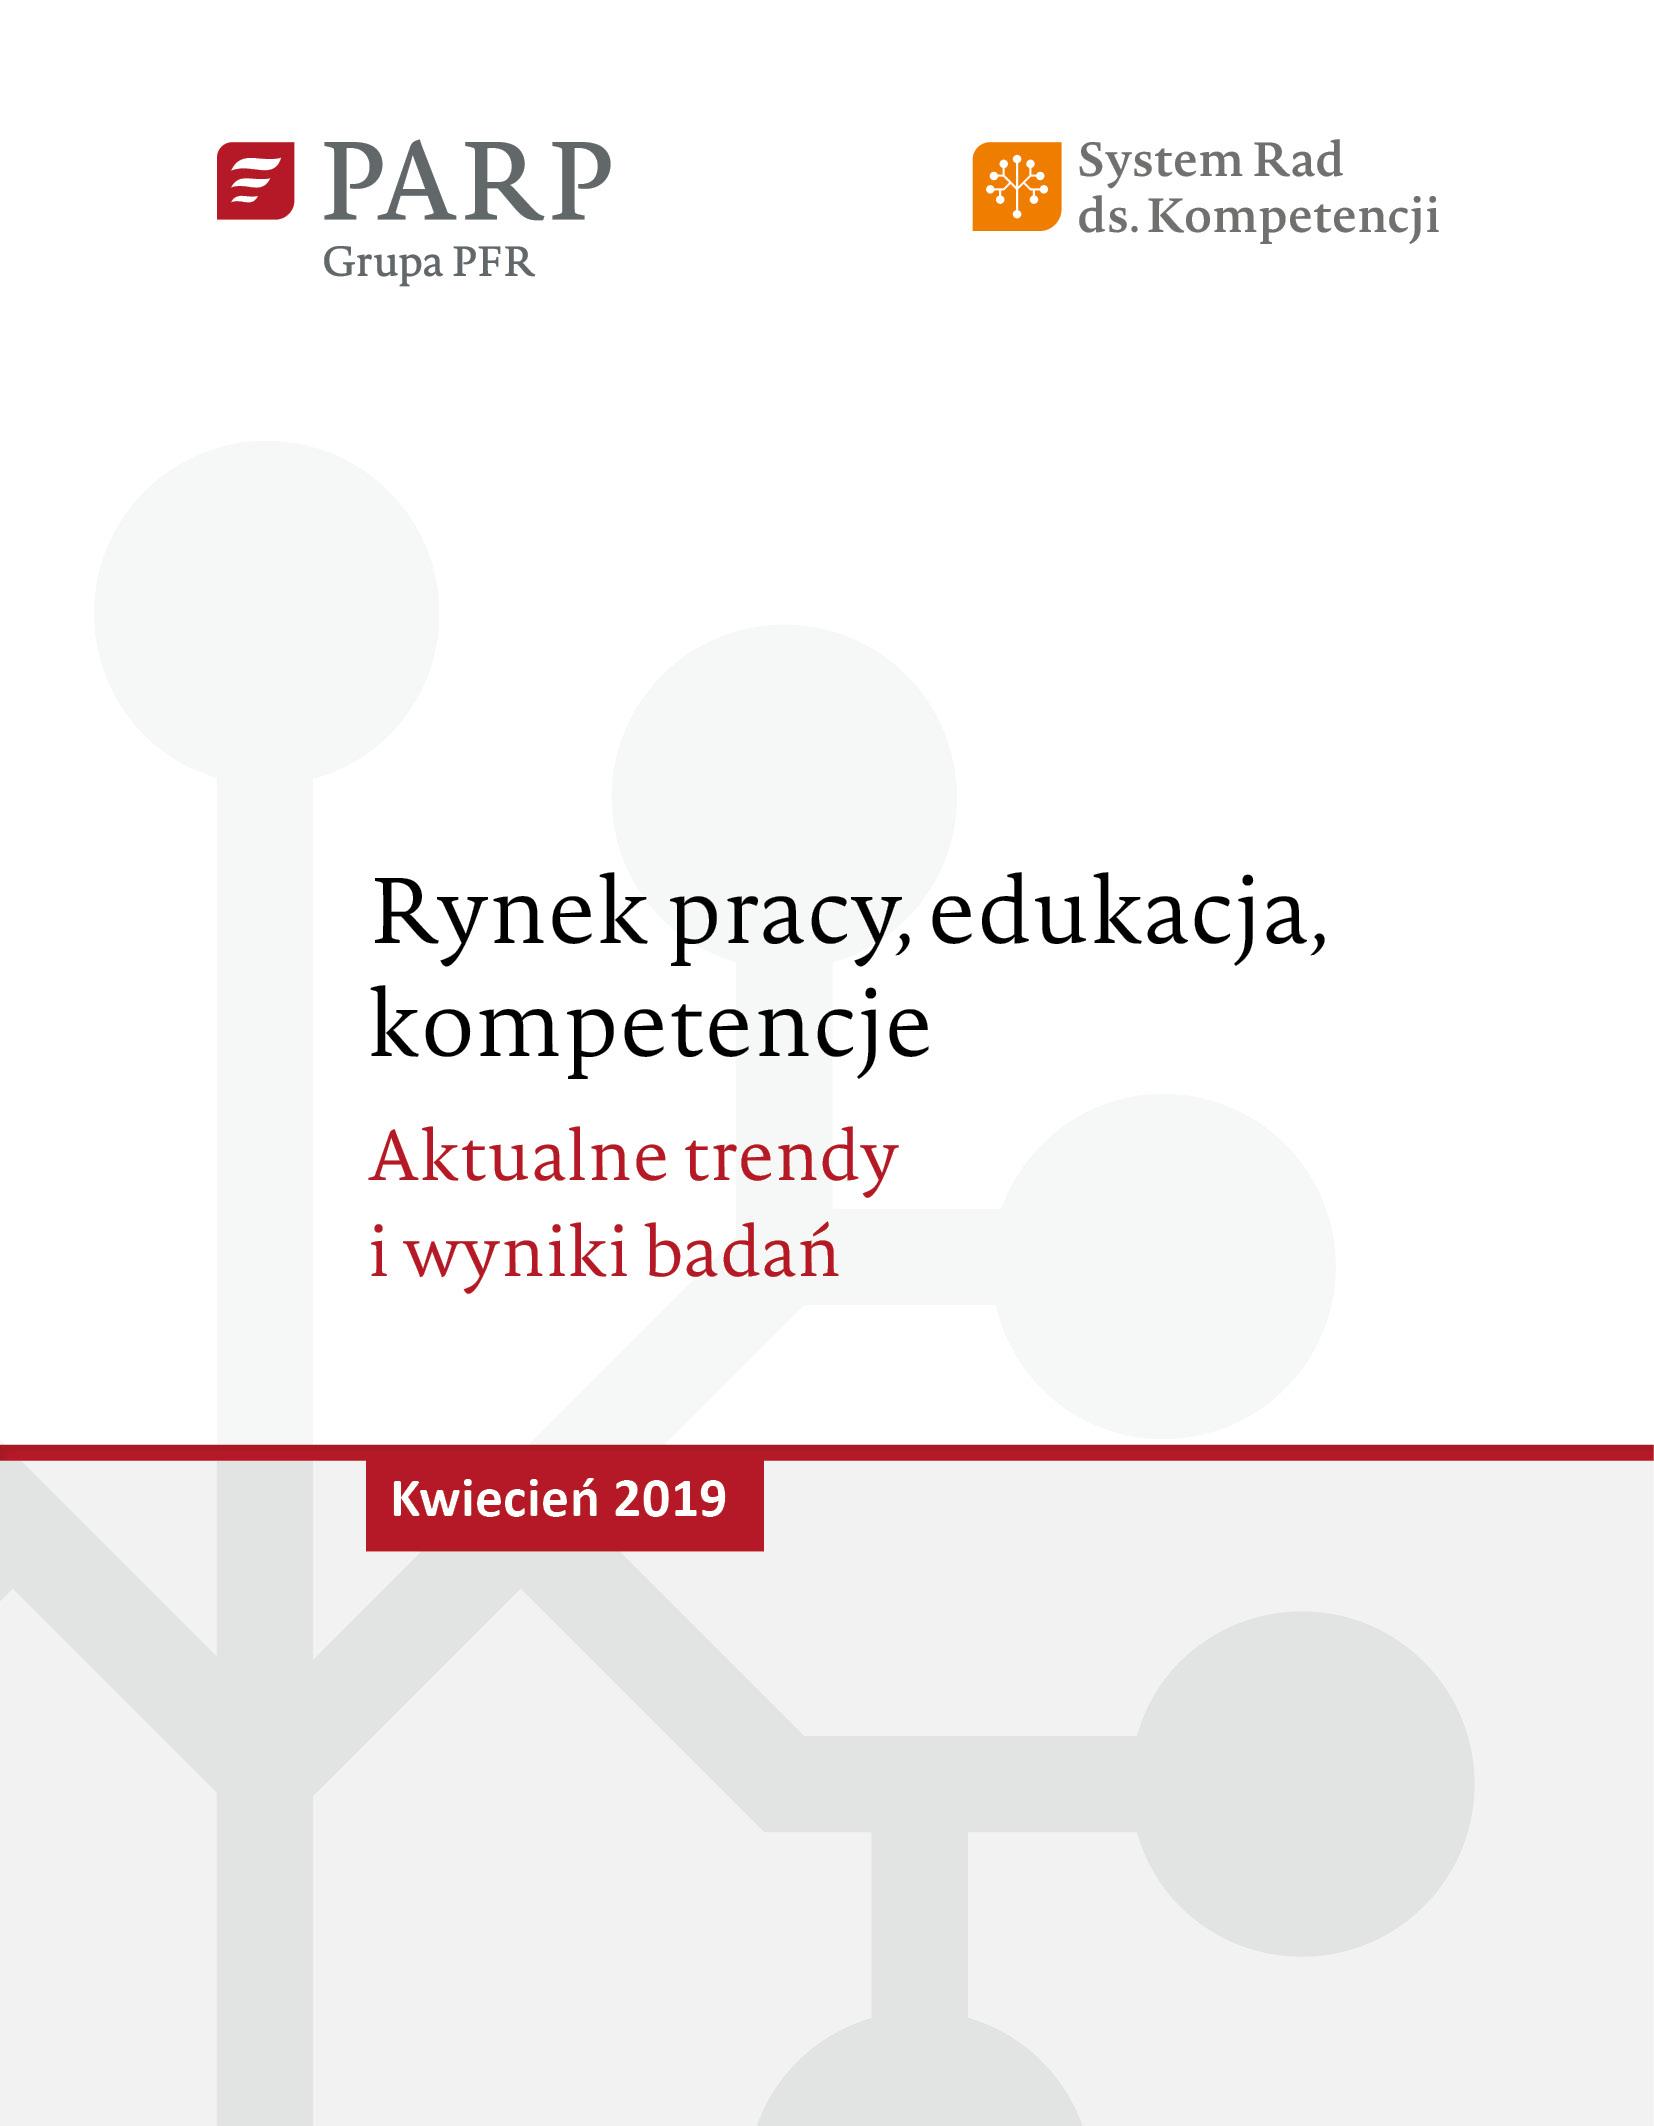 Rynek pracy, edukacja, kompetencje - kwiecień 2019